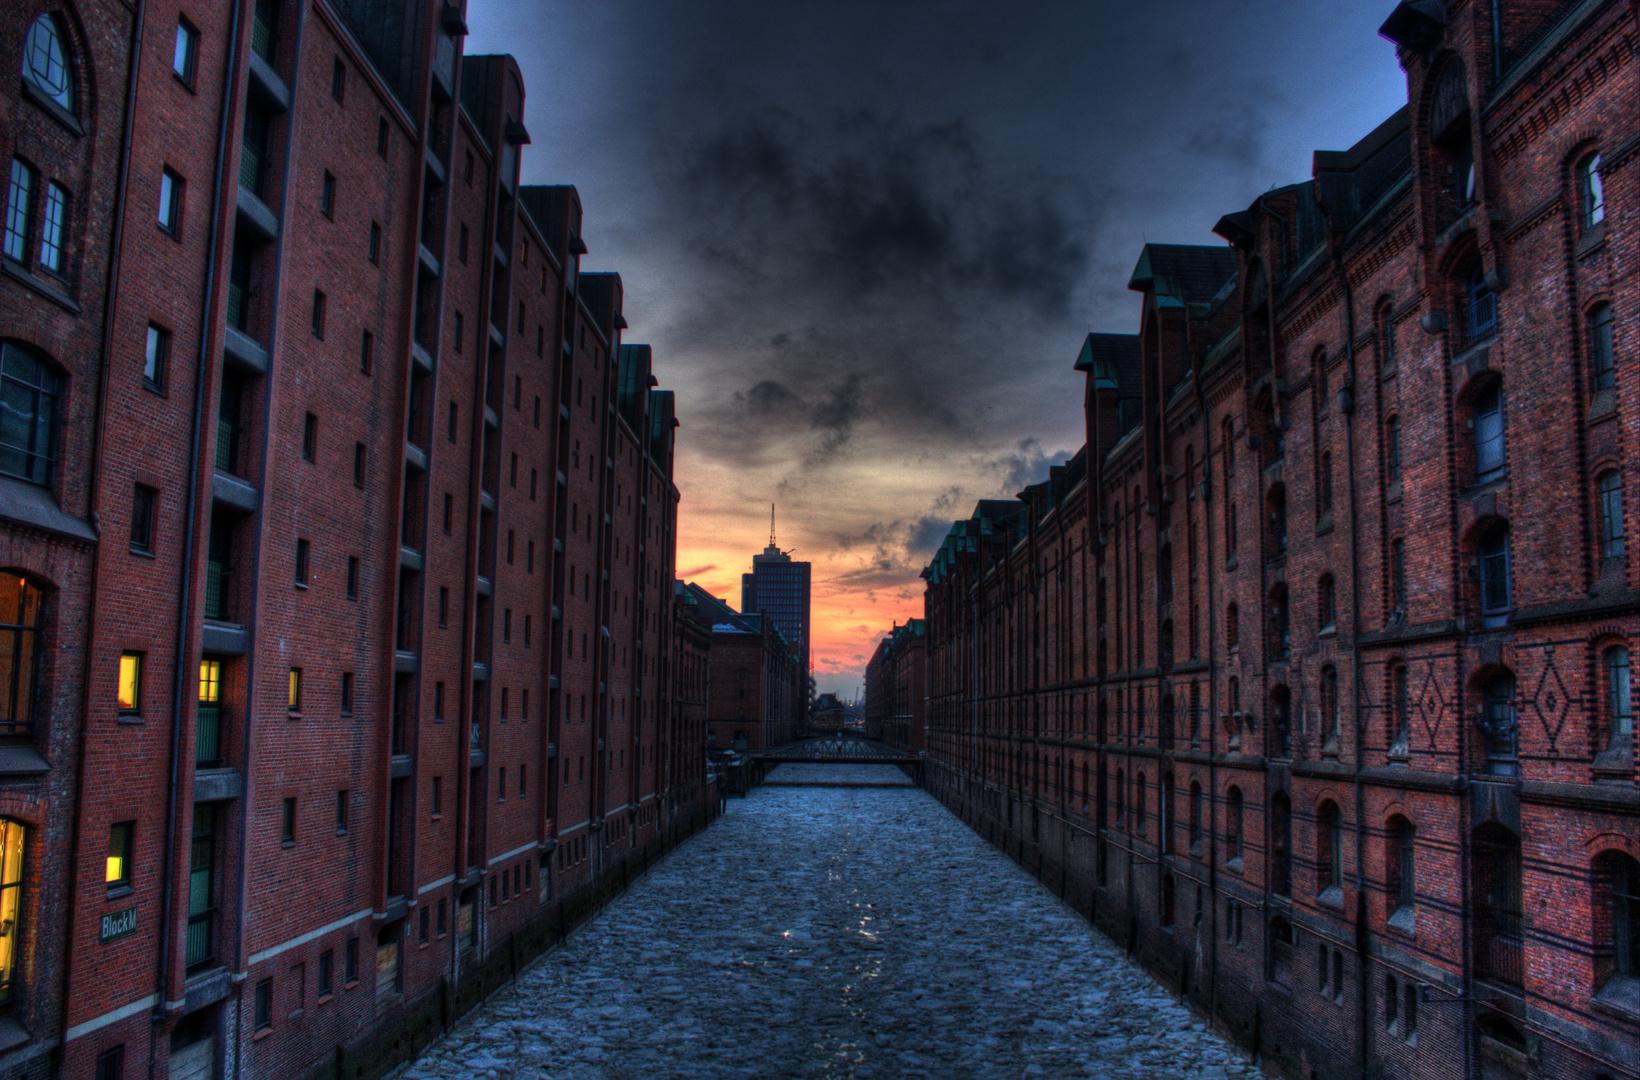 Vereiste Speicherstadt - Hamburg